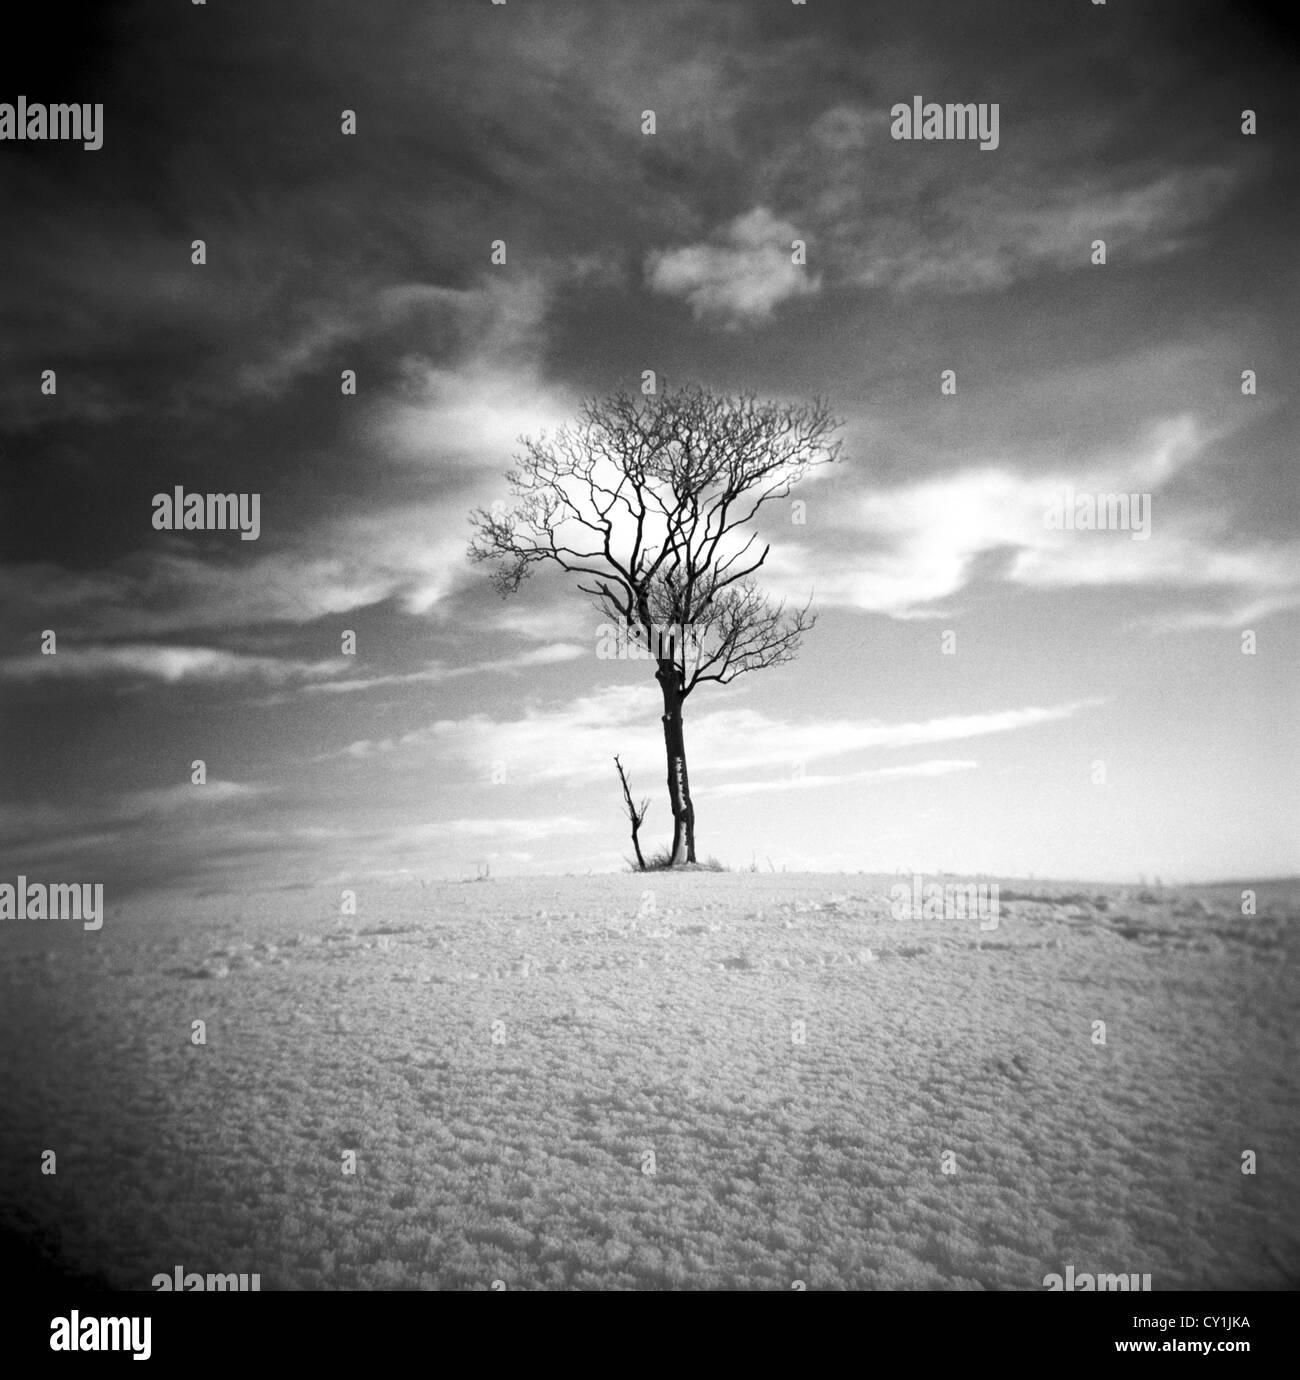 Einsamer Baum in einer kargen Landschaft unter warmen Himmel Stockbild